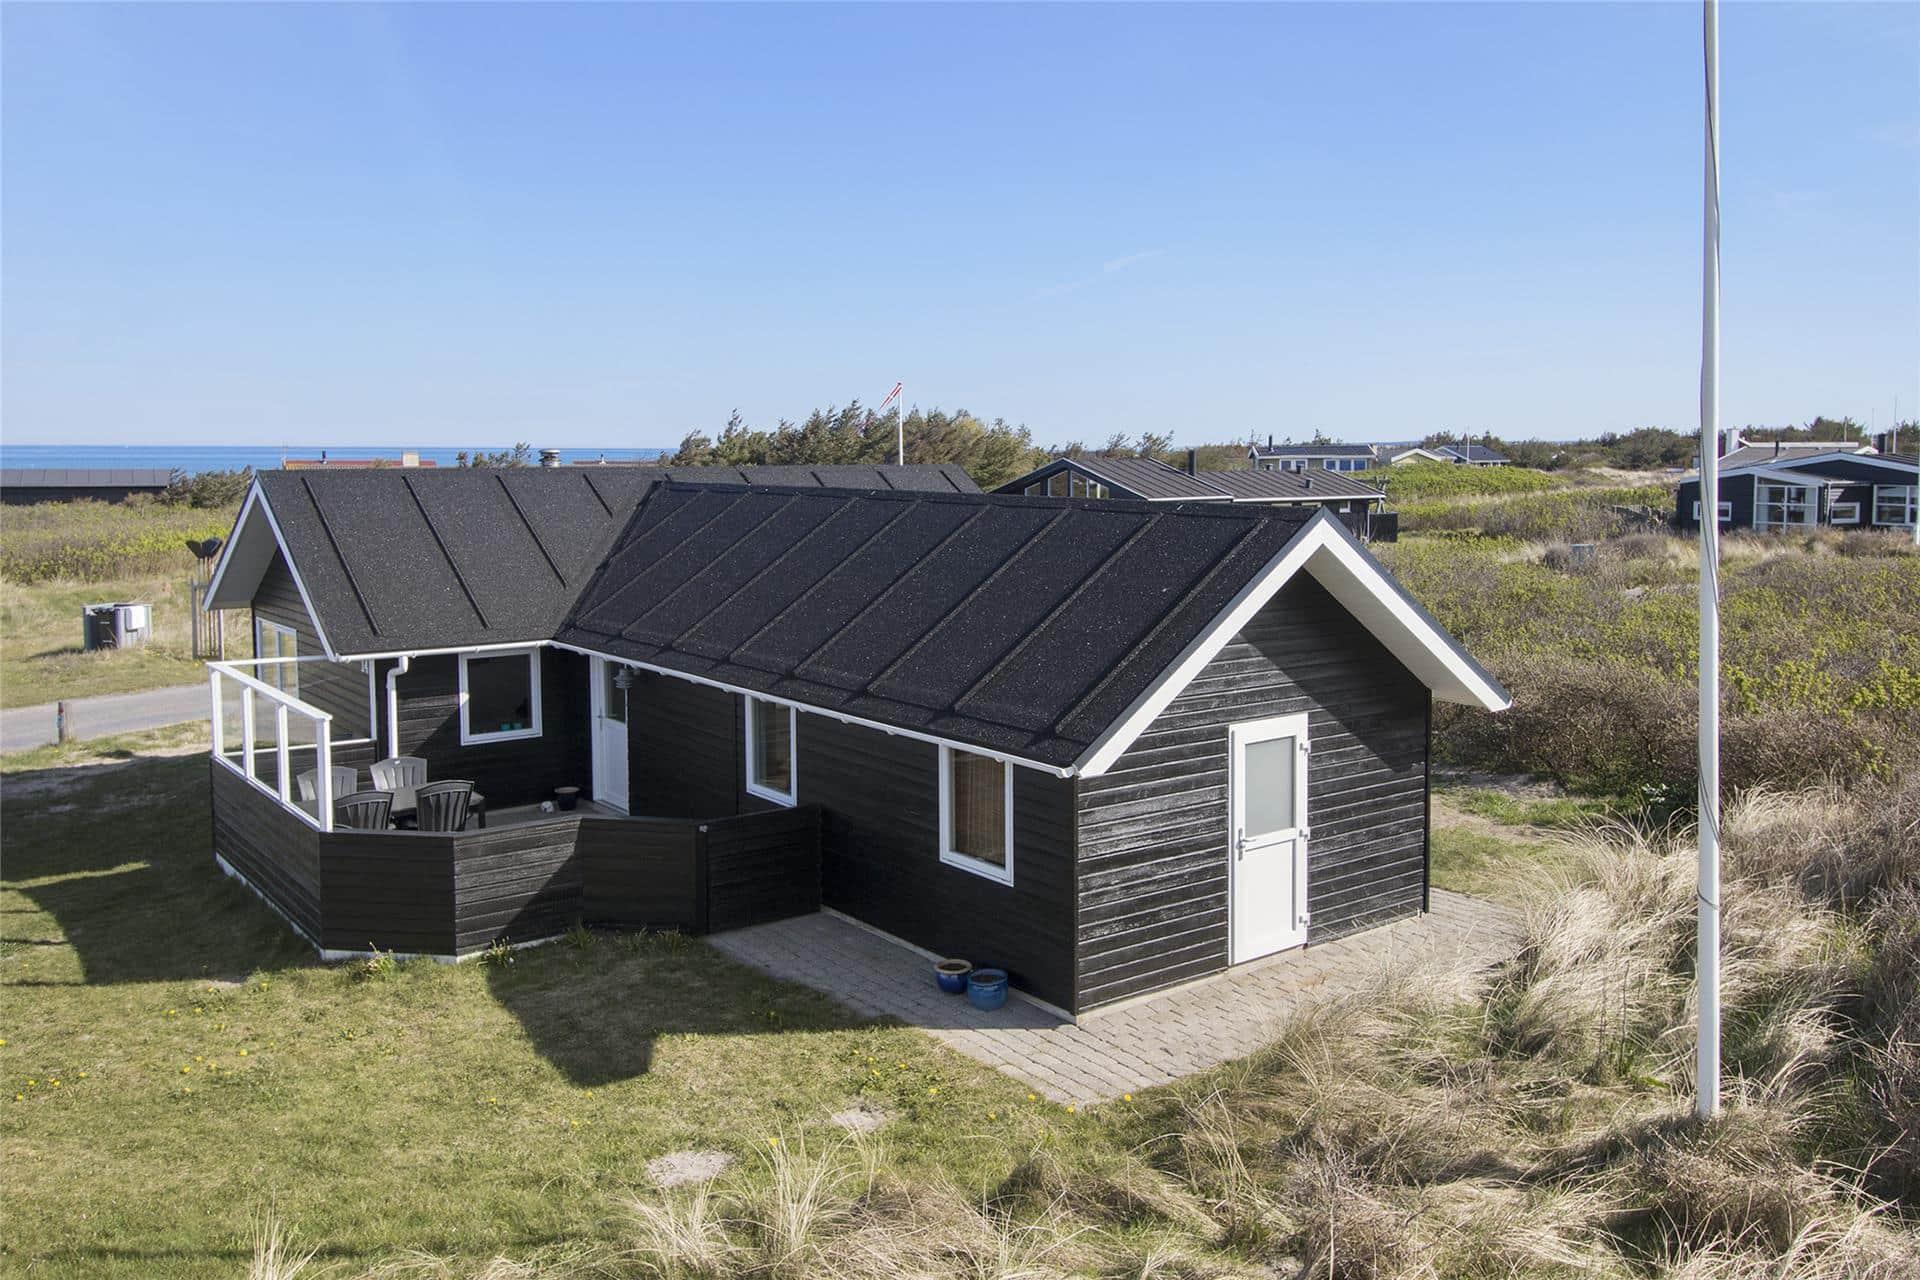 Afbeelding 1-14 Vakantiehuis 1304, Revlingrenden 14, DK - 9800 Hjørring